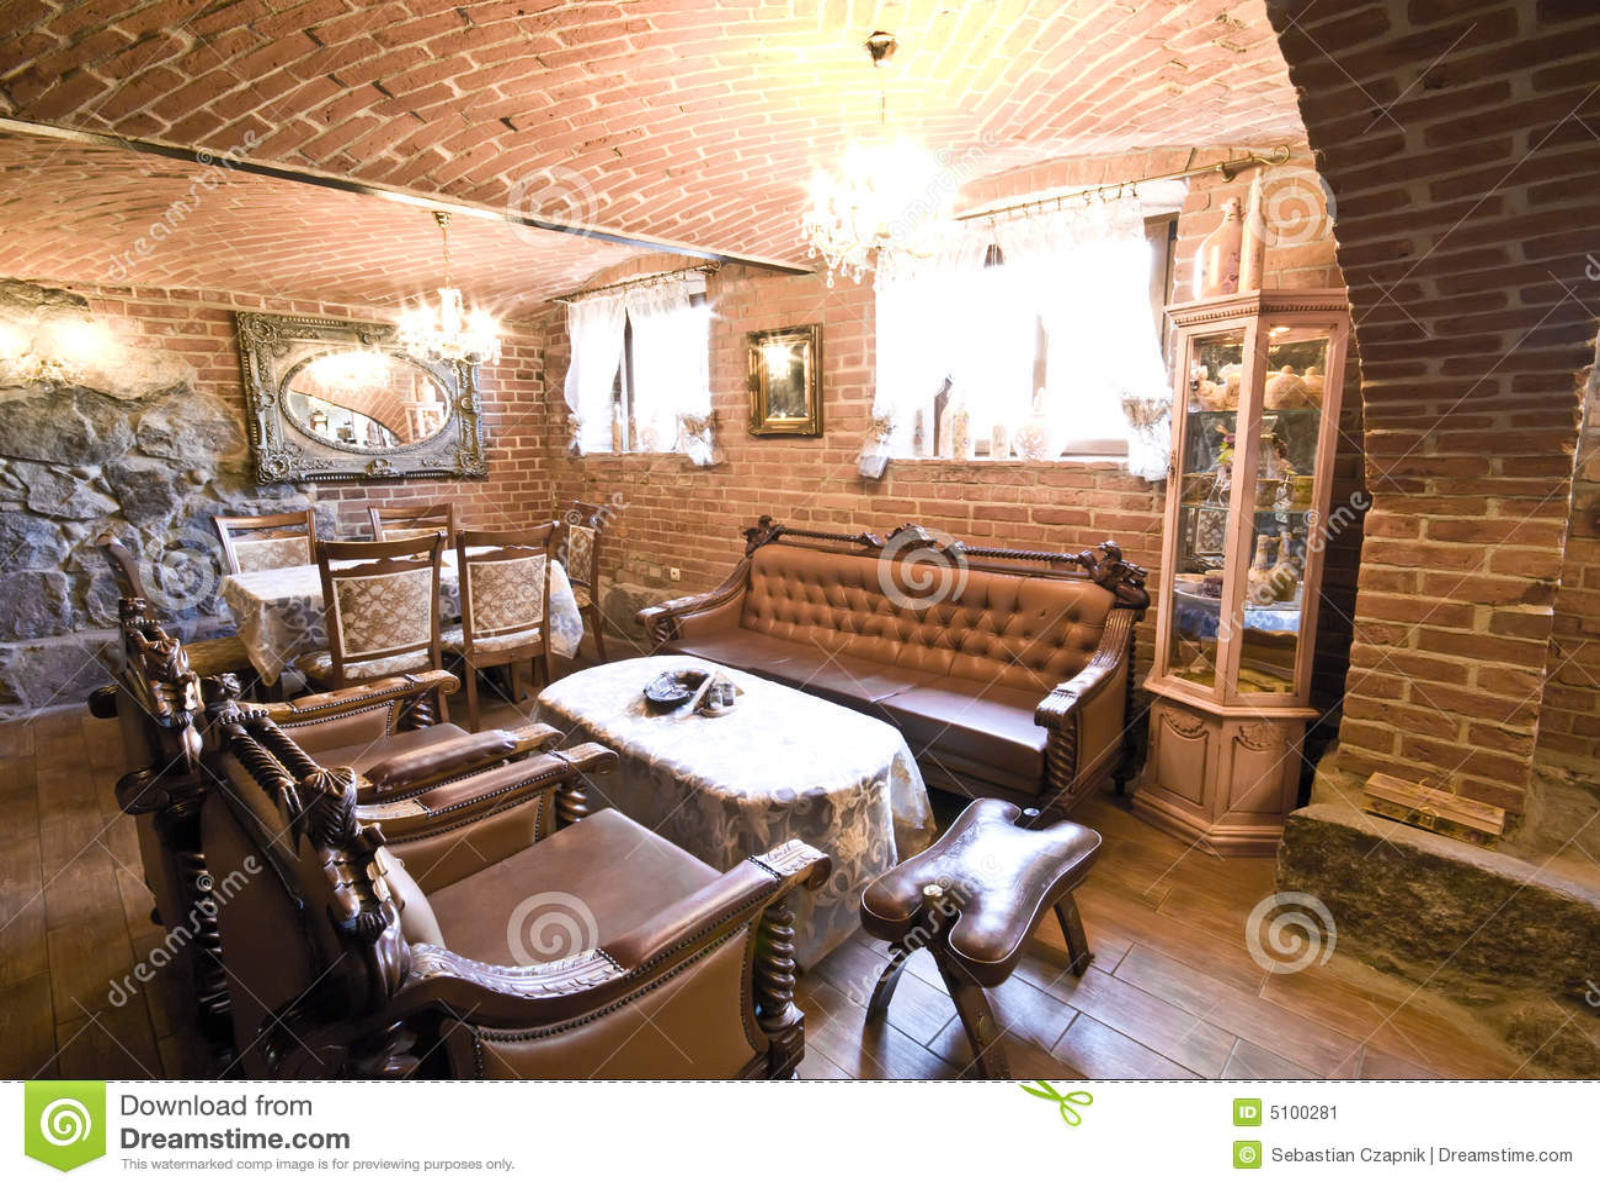 Furniture In Brick Room